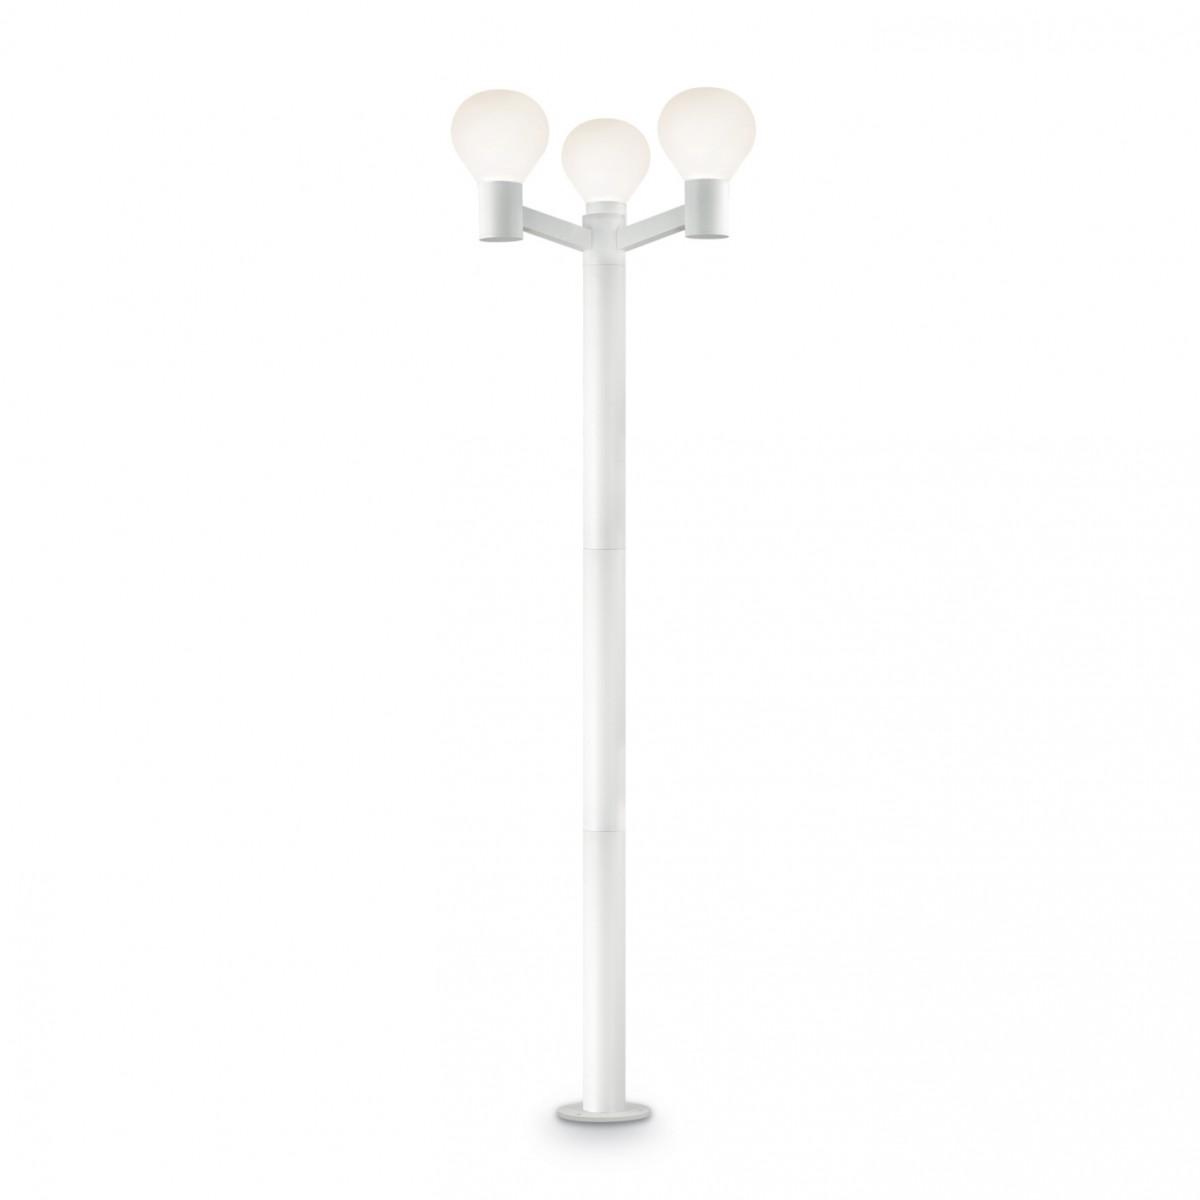 venkovní sloupek Ideal Lux Clio PT3 147130 3x60W E27 - komplexní osvětlení exterieru